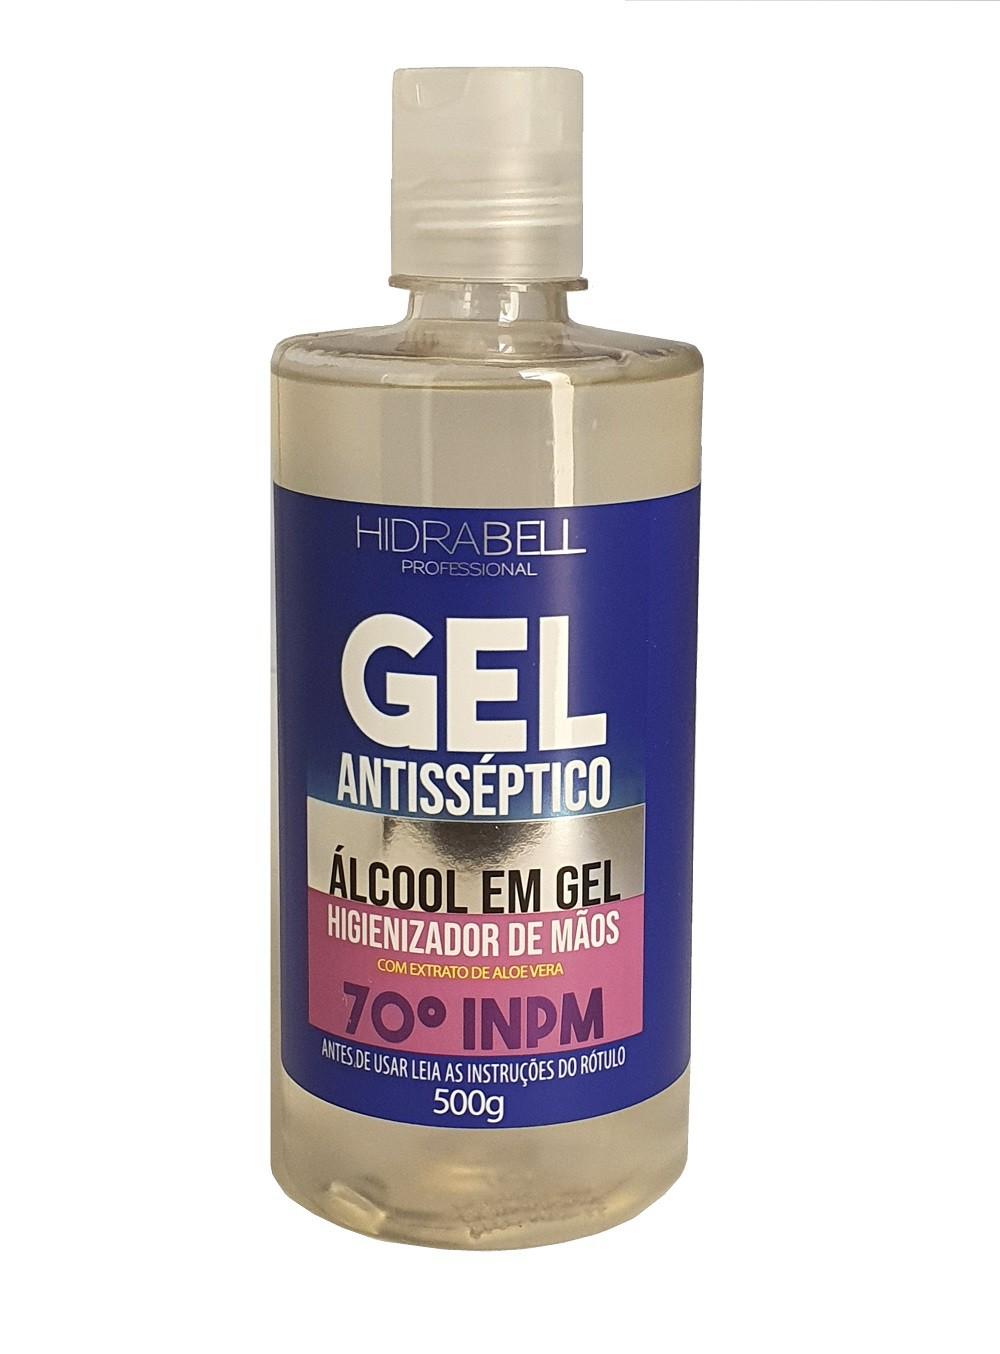 Kit com 5 Pulseiras dispenser em silicone + álcool gel 500g Hidrabell  - Mix Eletro